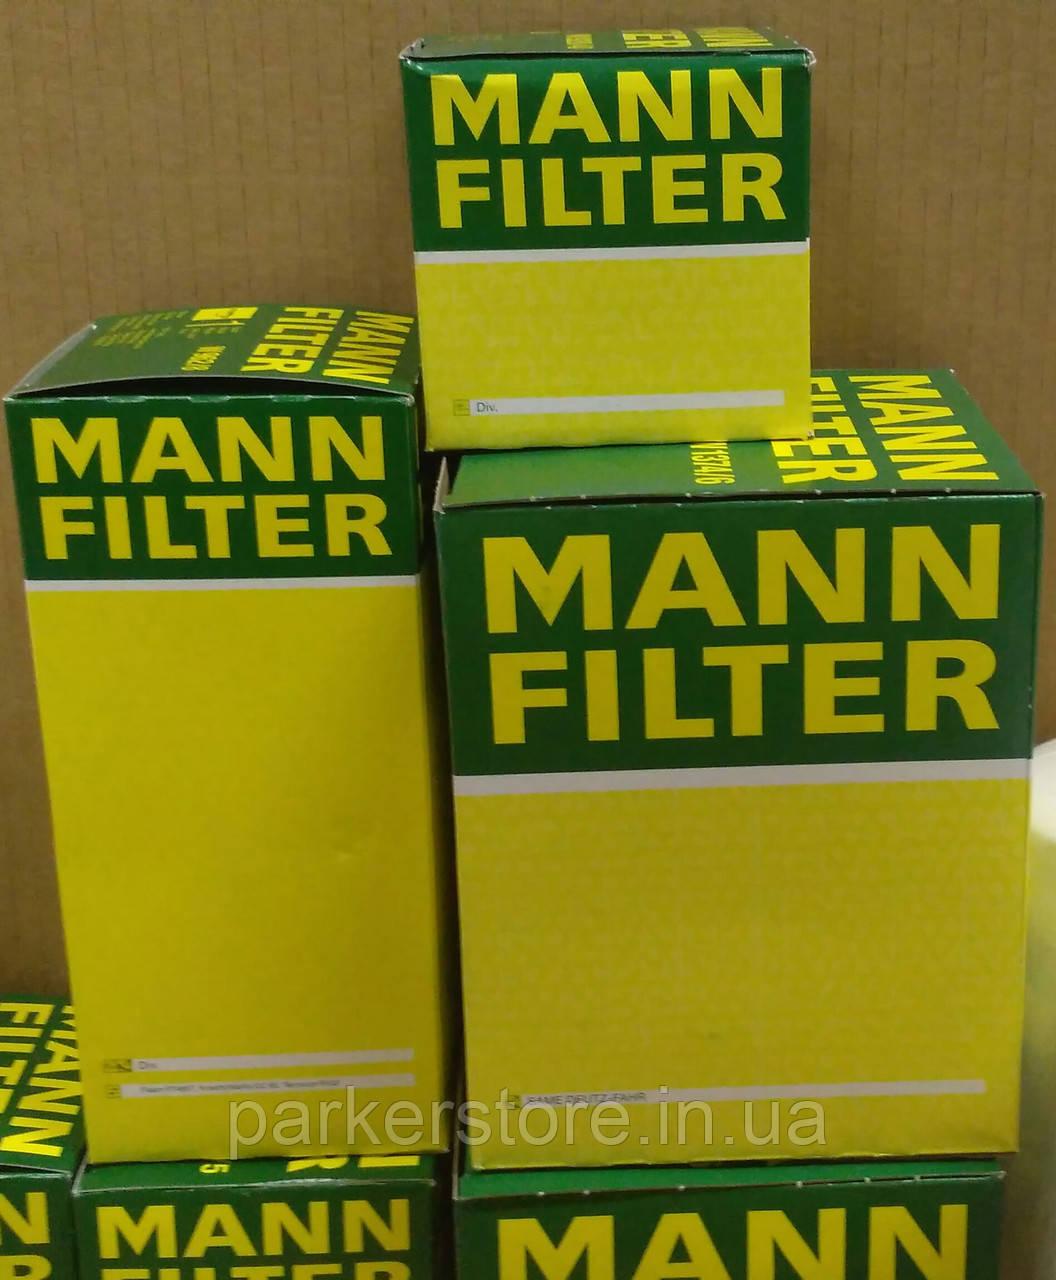 MANN FILTER / Воздушный фильтр / C 25 114 / C25114